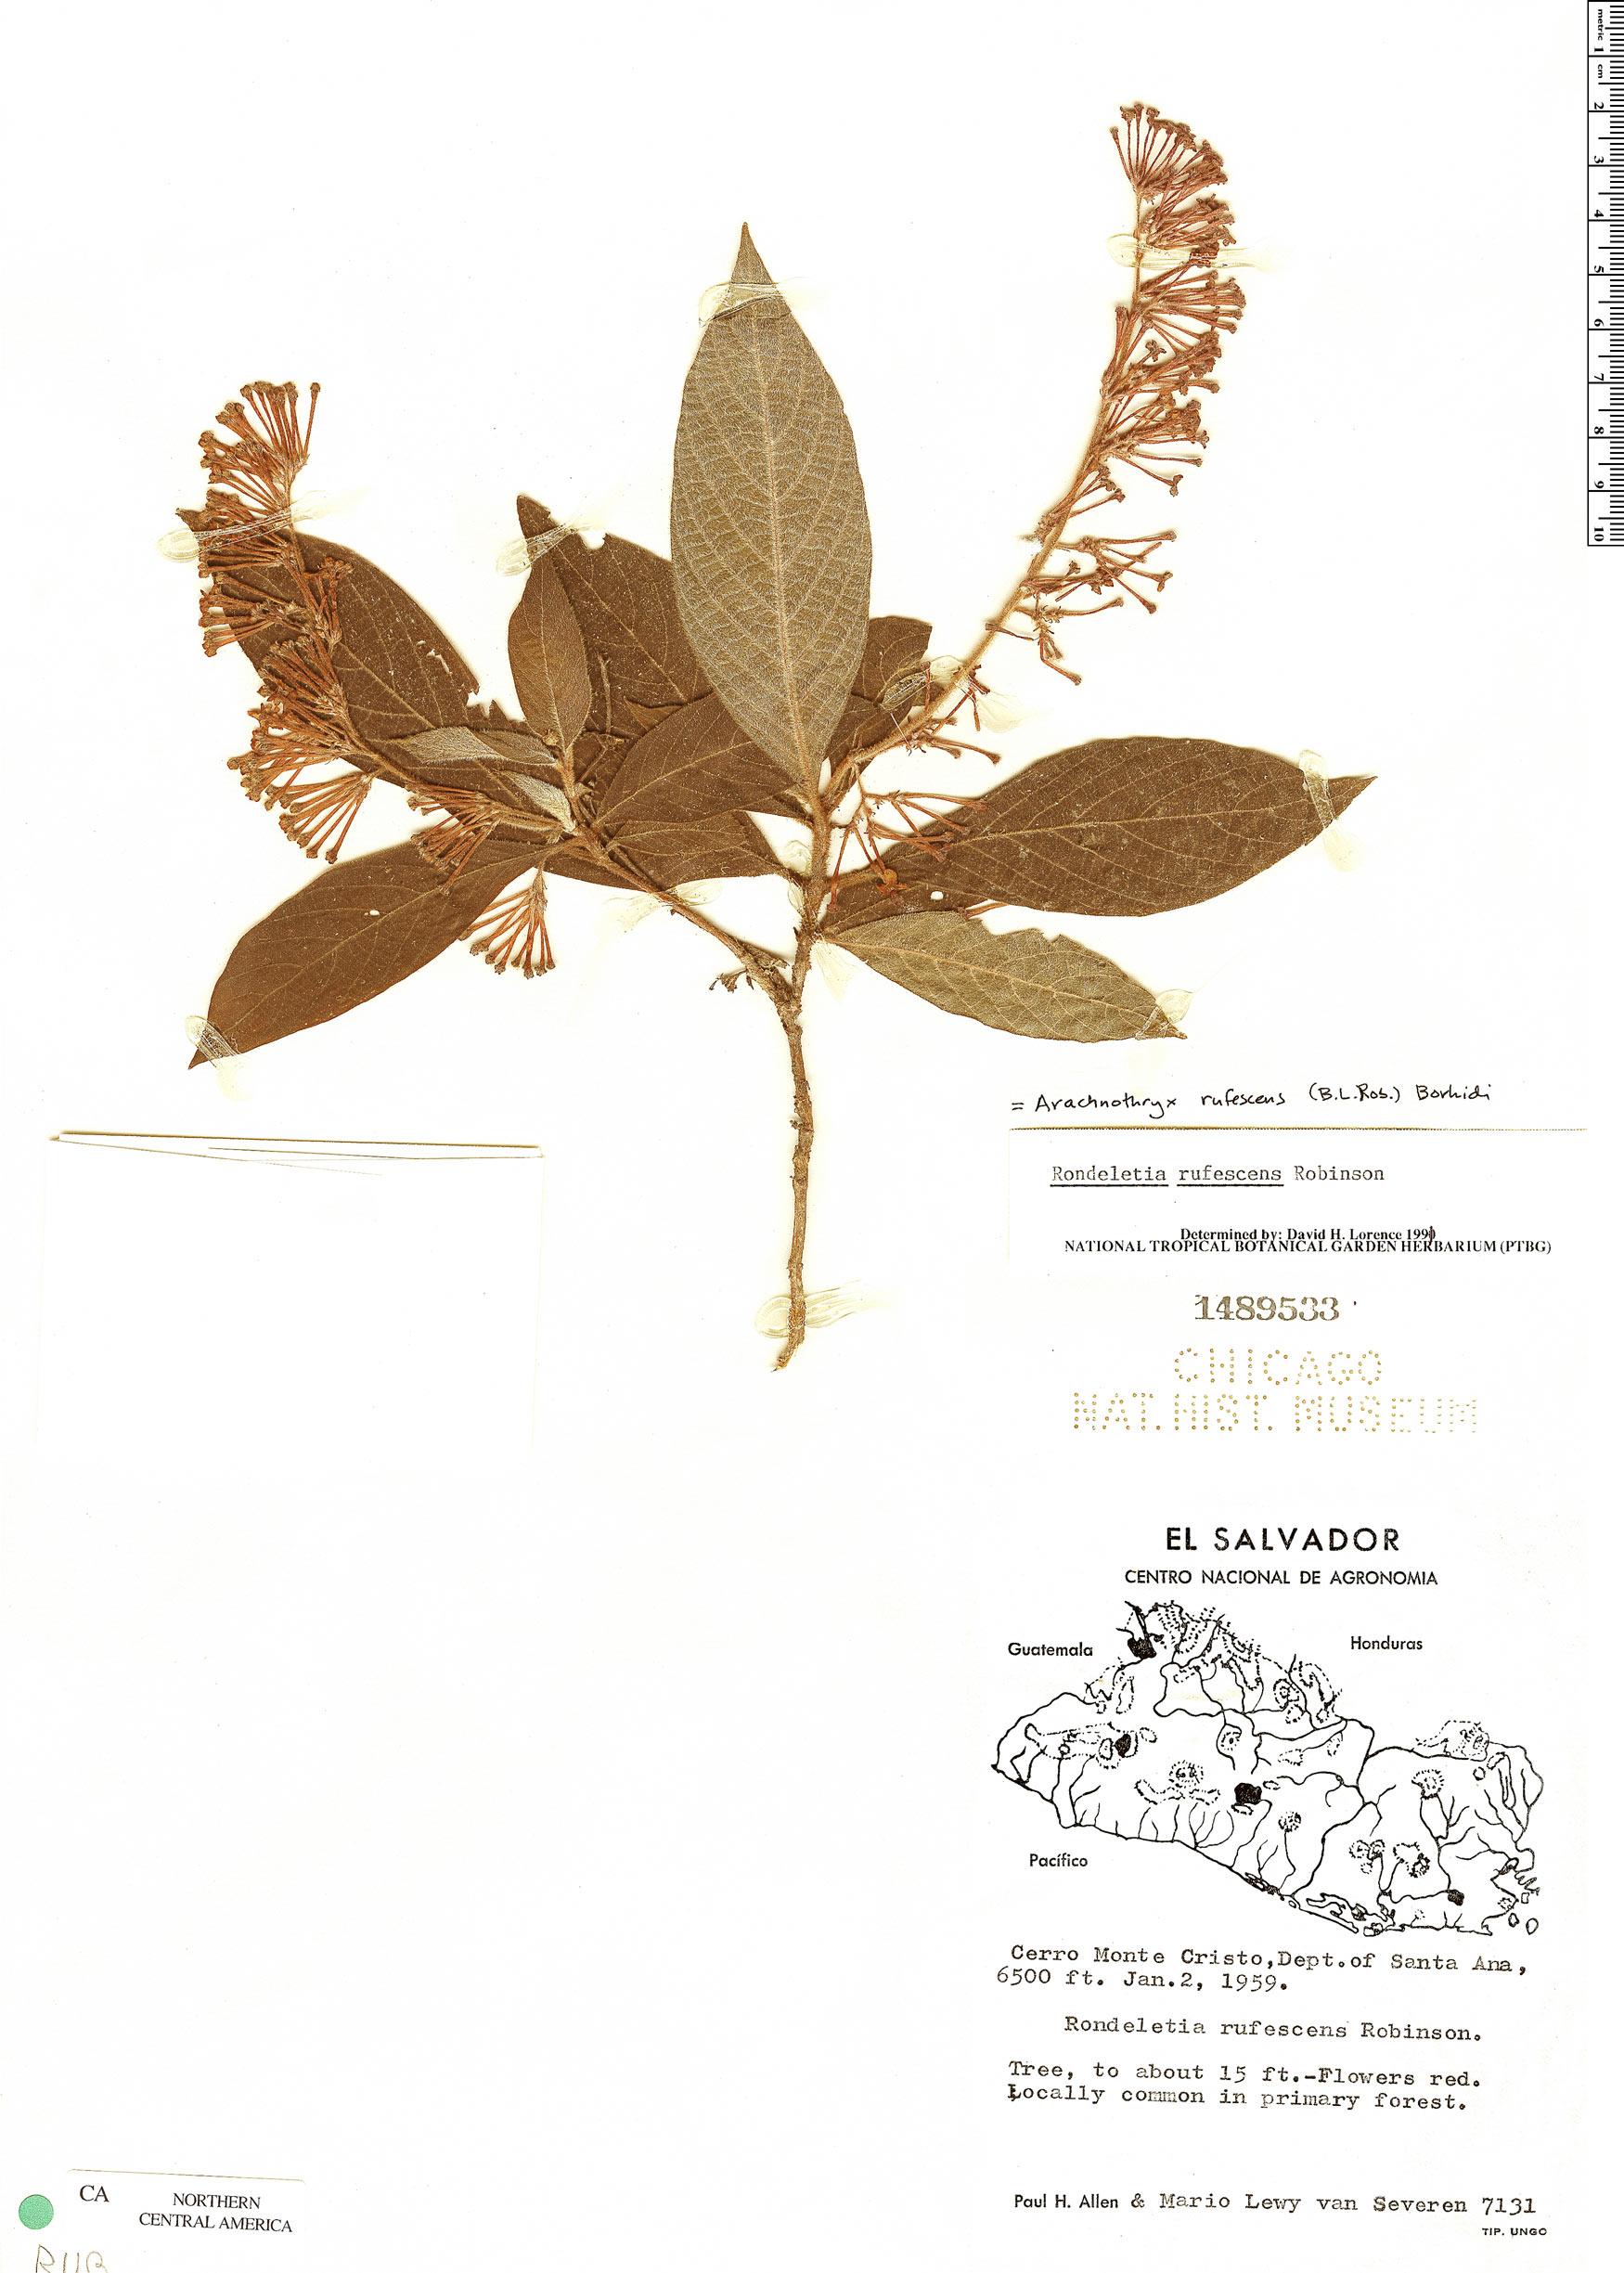 Specimen: Arachnothryx rufescens